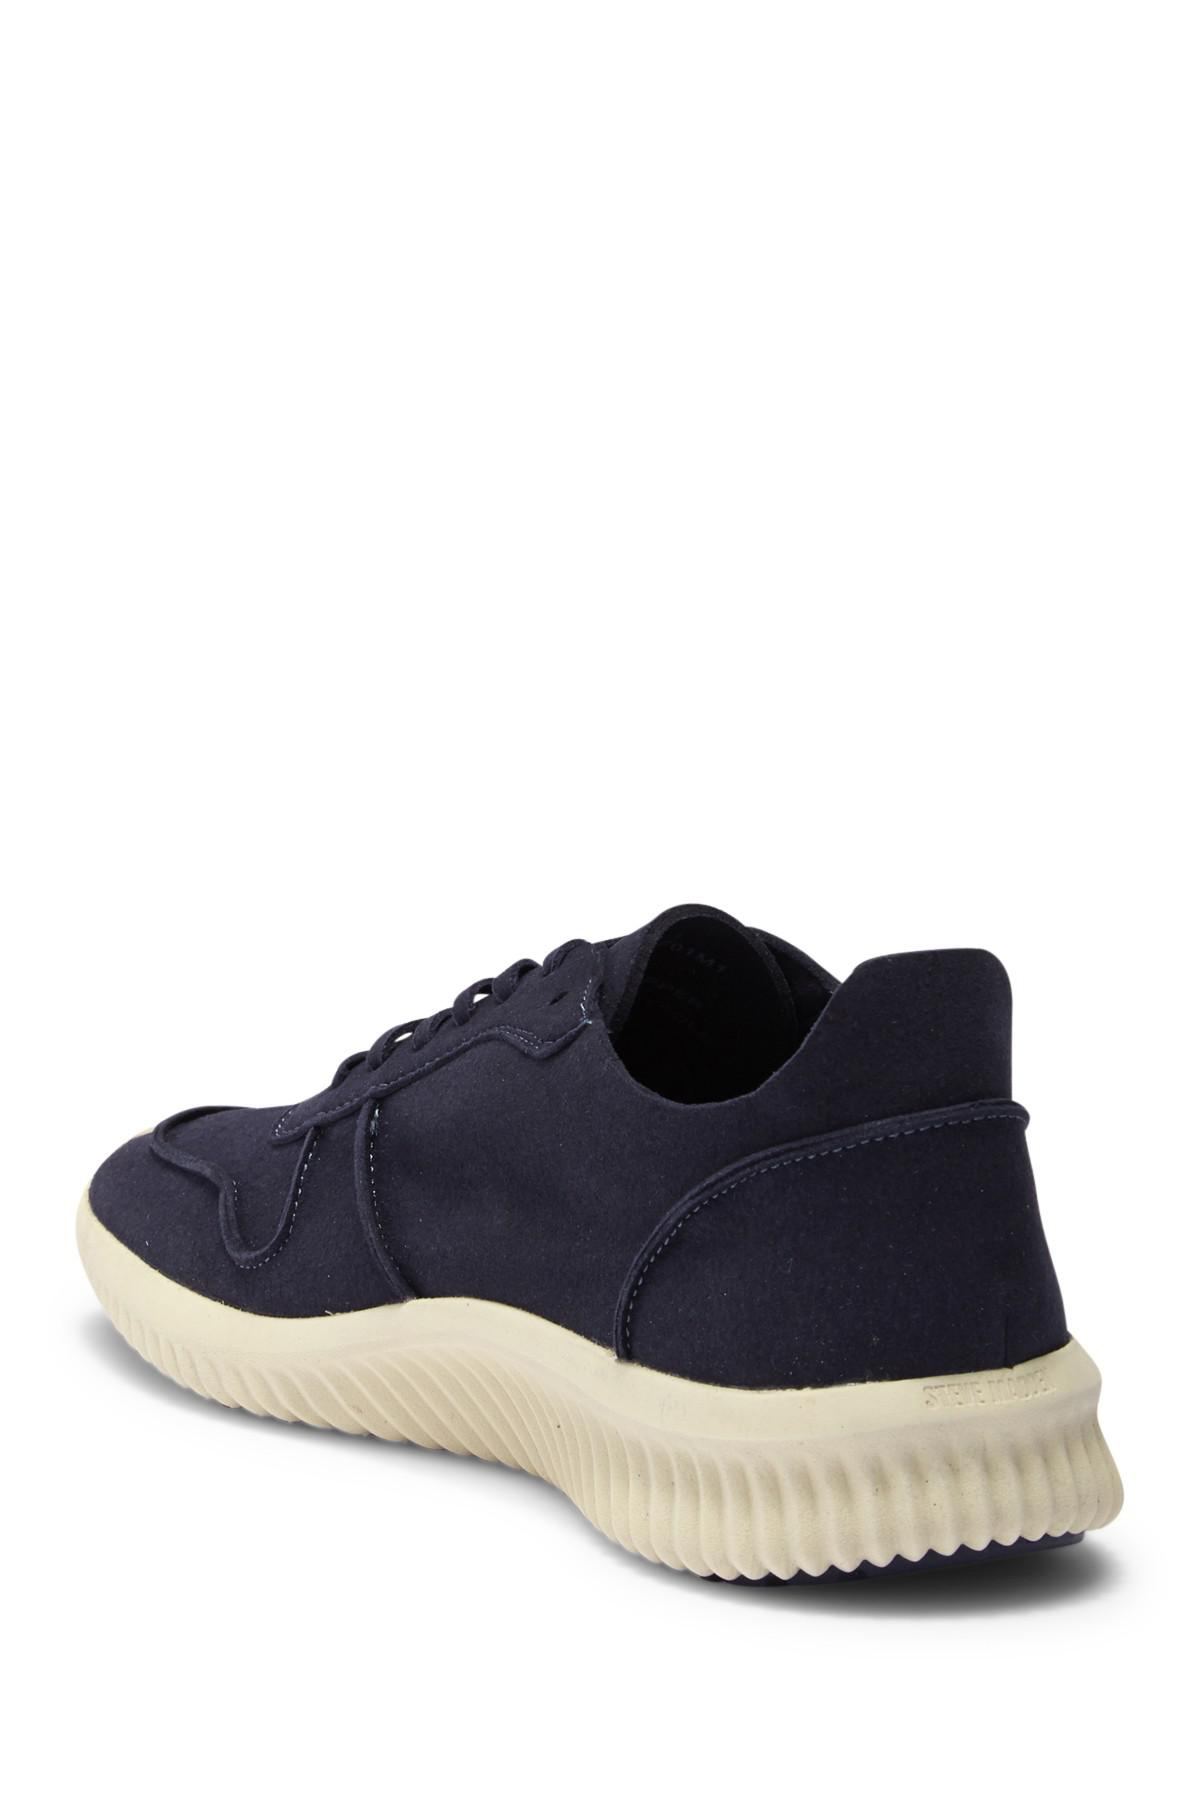 b5c306735bf Steve Madden Rolf Sneaker in Blue for Men - Lyst